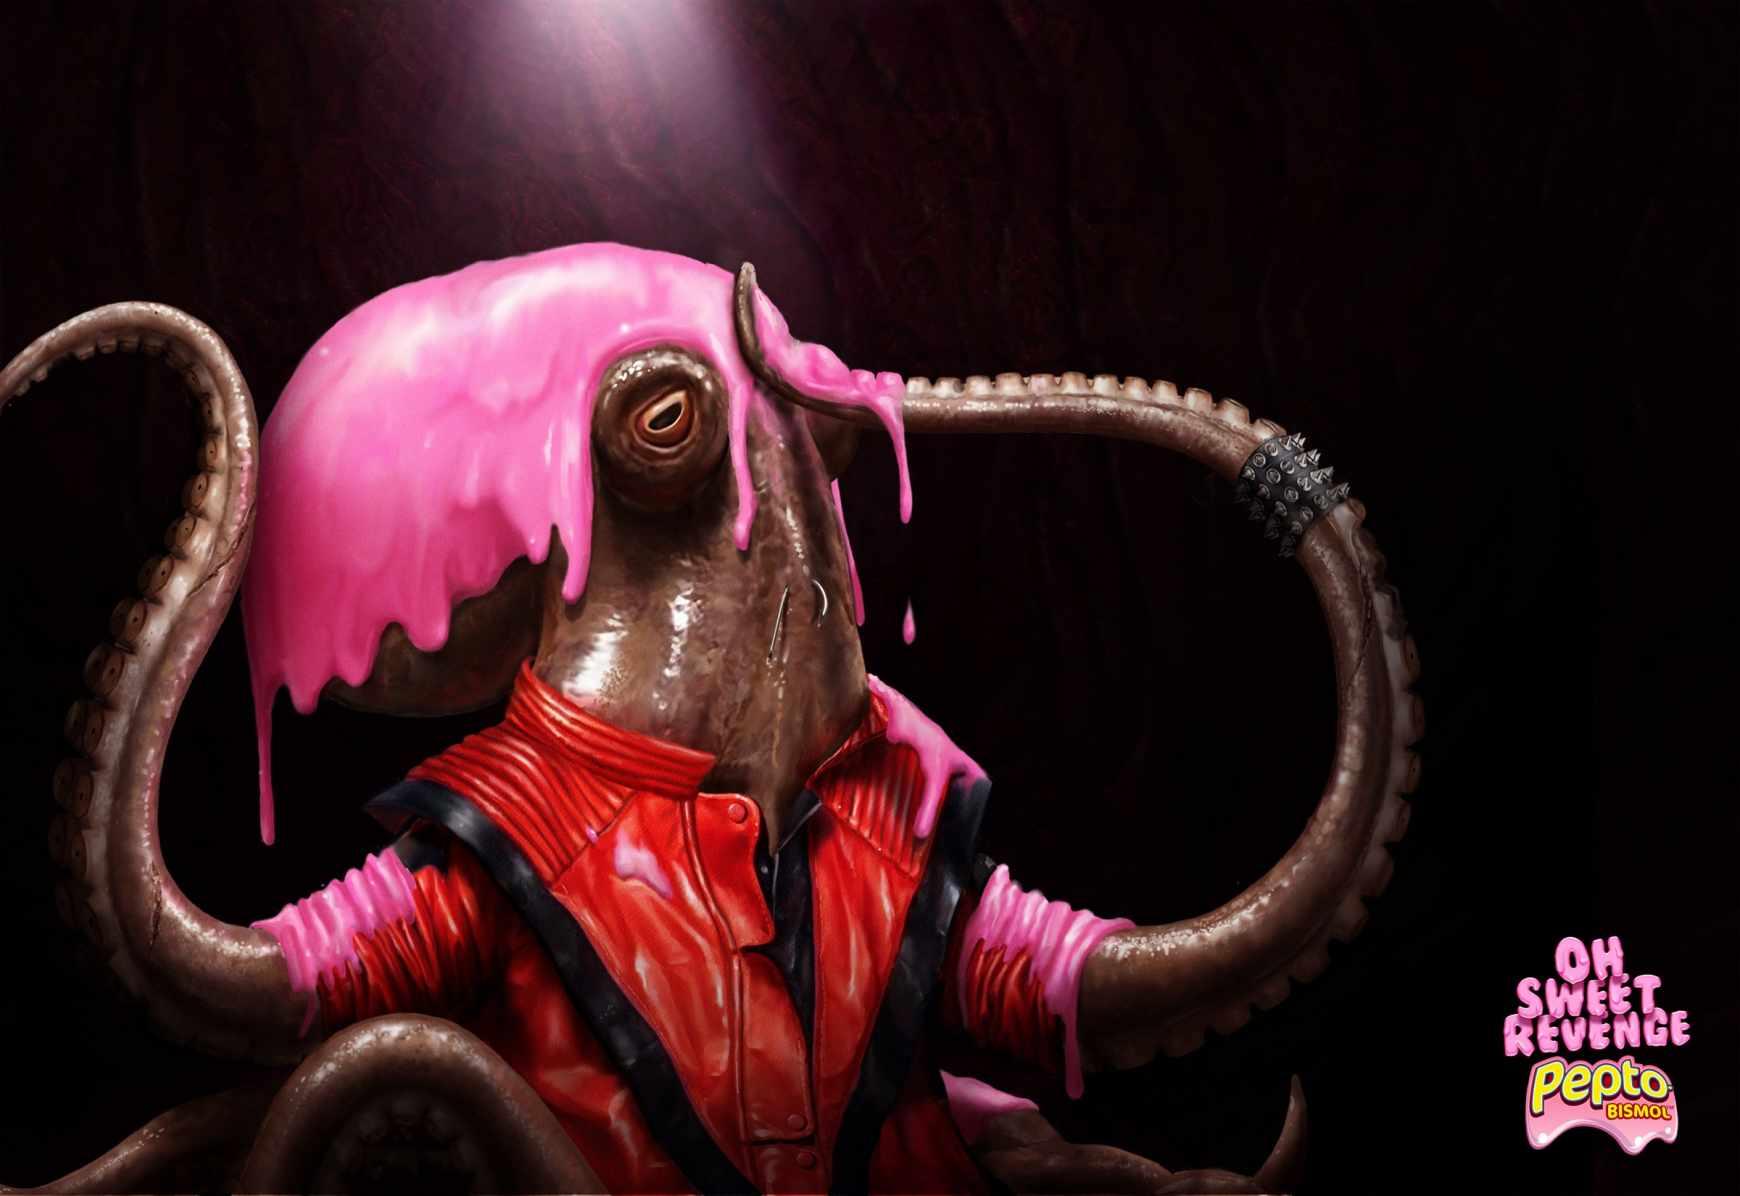 octopus_pepto_bismol-3_aotw